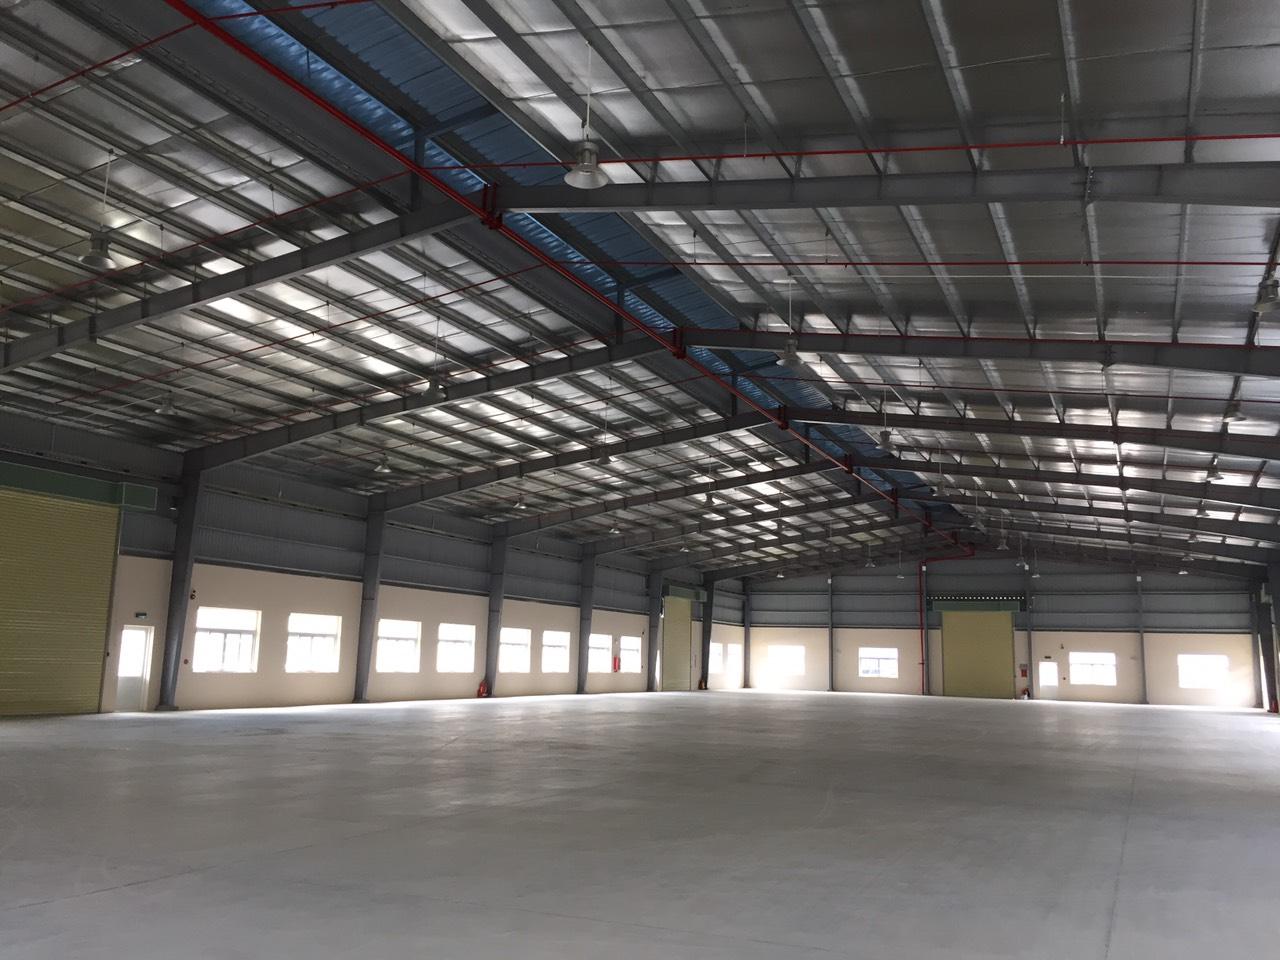 Hàng hot, cho thuê kho xưởng tại q7, 1800m với giá tốt.